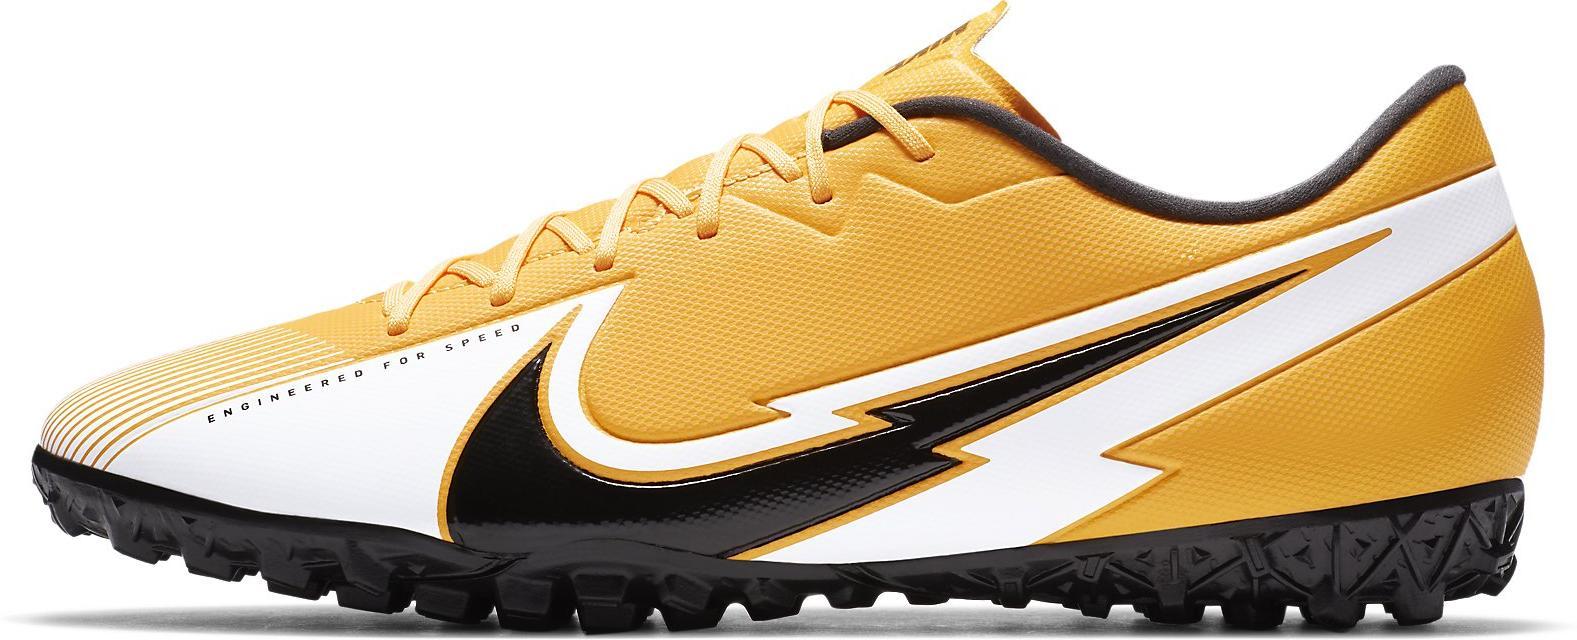 Kopačky Nike VAPOR 13 ACADEMY TF oranžová